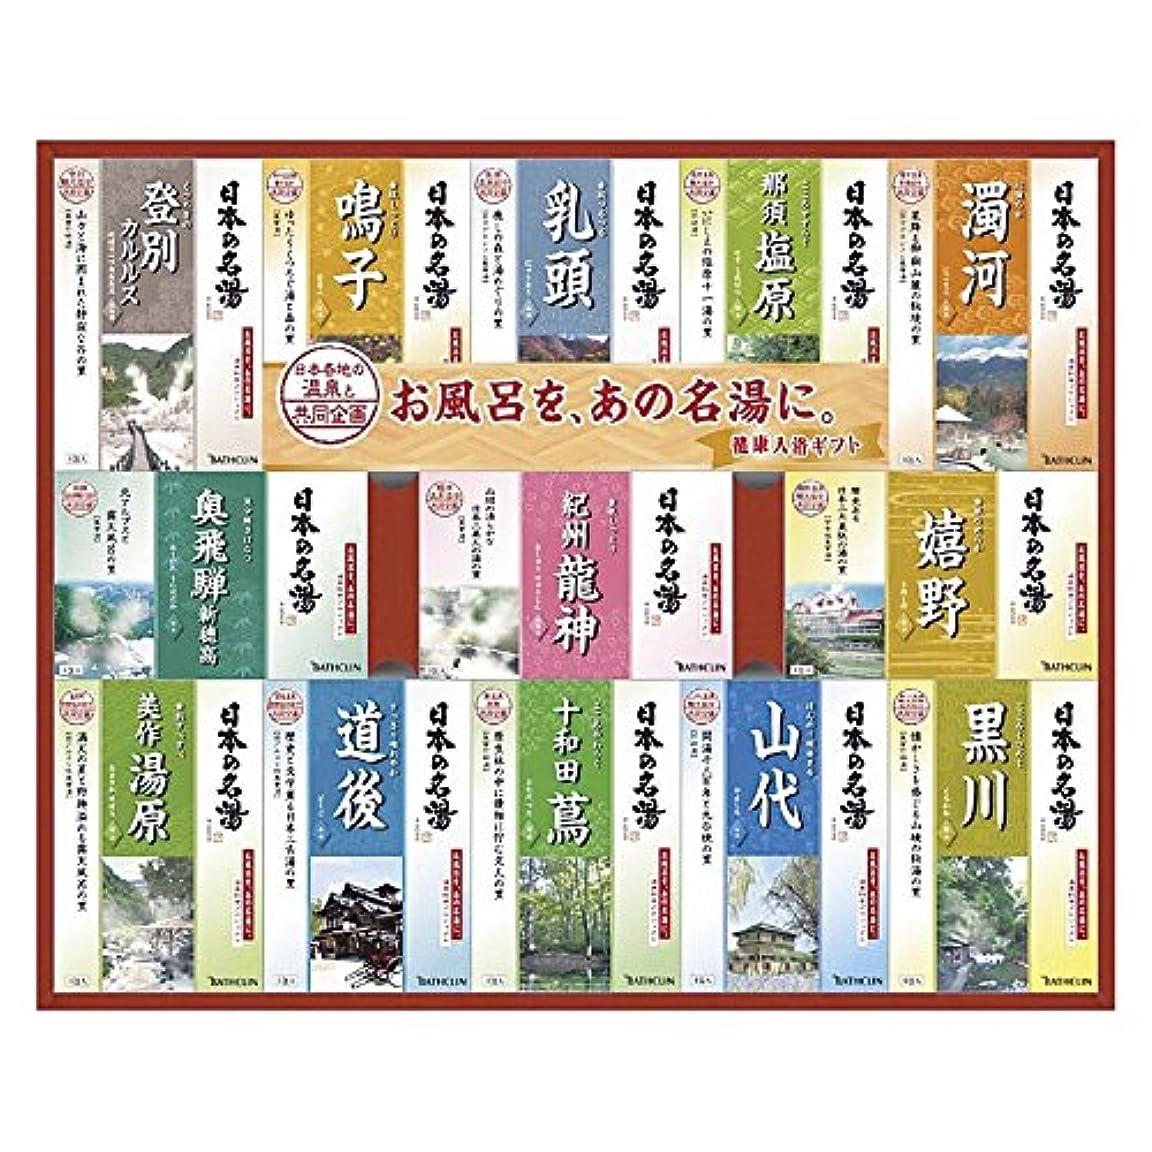 ライラック群れ巡礼者バスクリン 日本の名湯 ギフトセット NMG-50F 【個包装 セット 詰め合わせ 疲労回復 ご褒美 贅沢 プチギフト 温まる 温泉 粉 ご当地 まとめ買い 名湯 リラックス 美肌 つめあわせ やさしい やすらぎ】